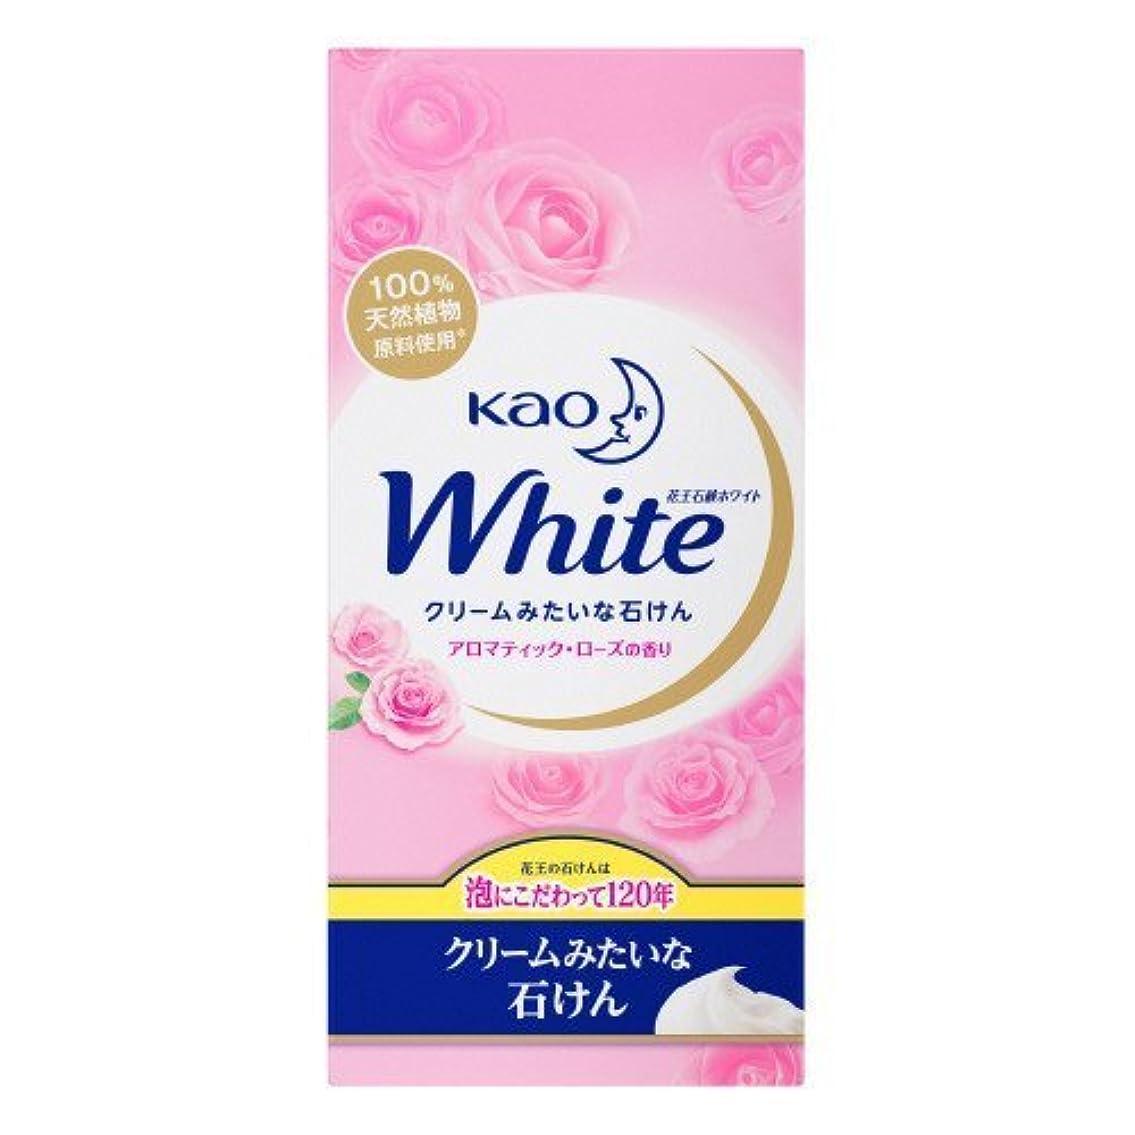 ライム放棄された証人【花王】花王ホワイト アロマティックローズの香りレギュラーサイズ (85g×6個) ×5個セット